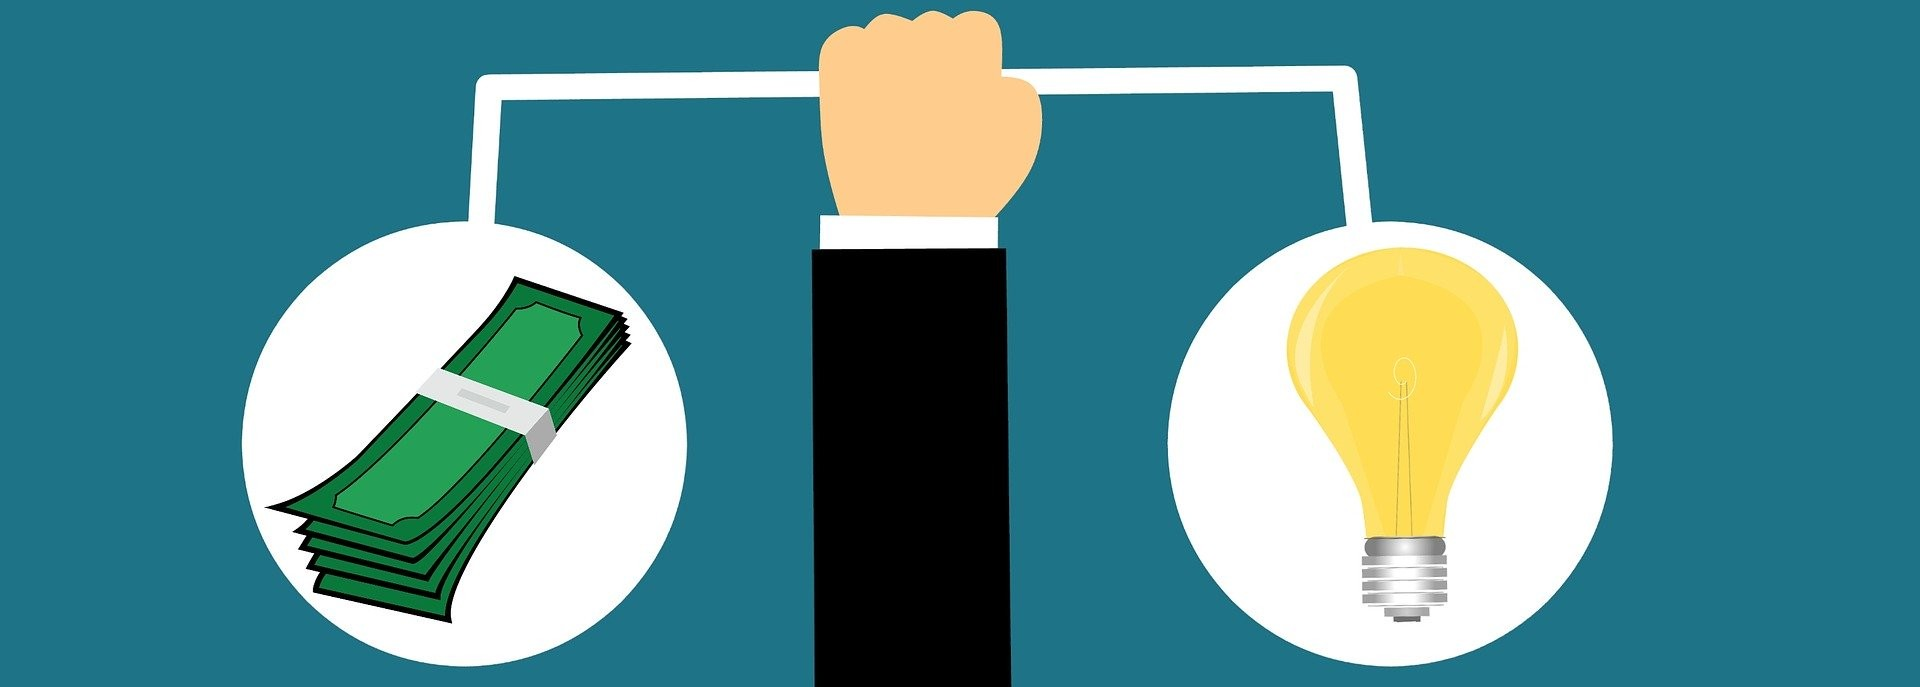 Værktøjer Til At Forbedre Likviditeten I Din Virksomhed